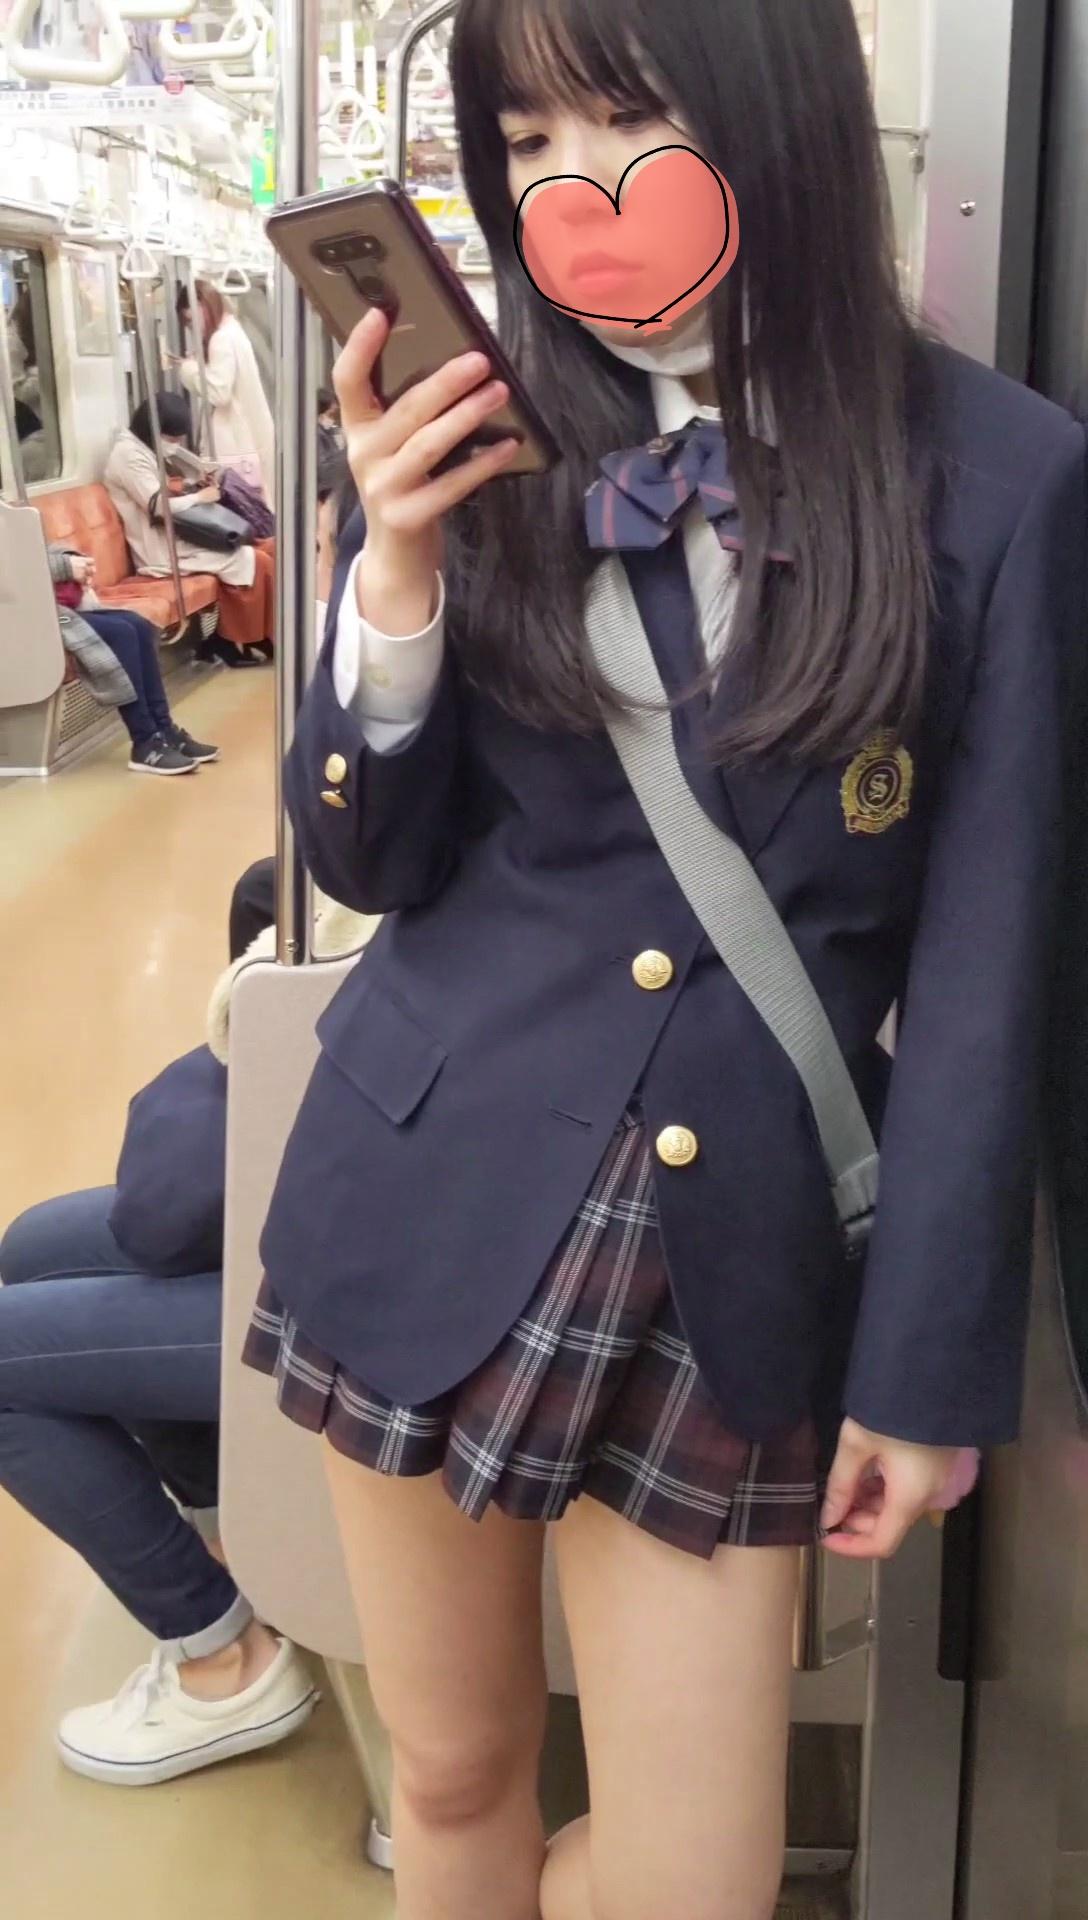 チェ遠征Vol1】激可愛いアイドルKちゃんの純白画像つき詳細レビュー